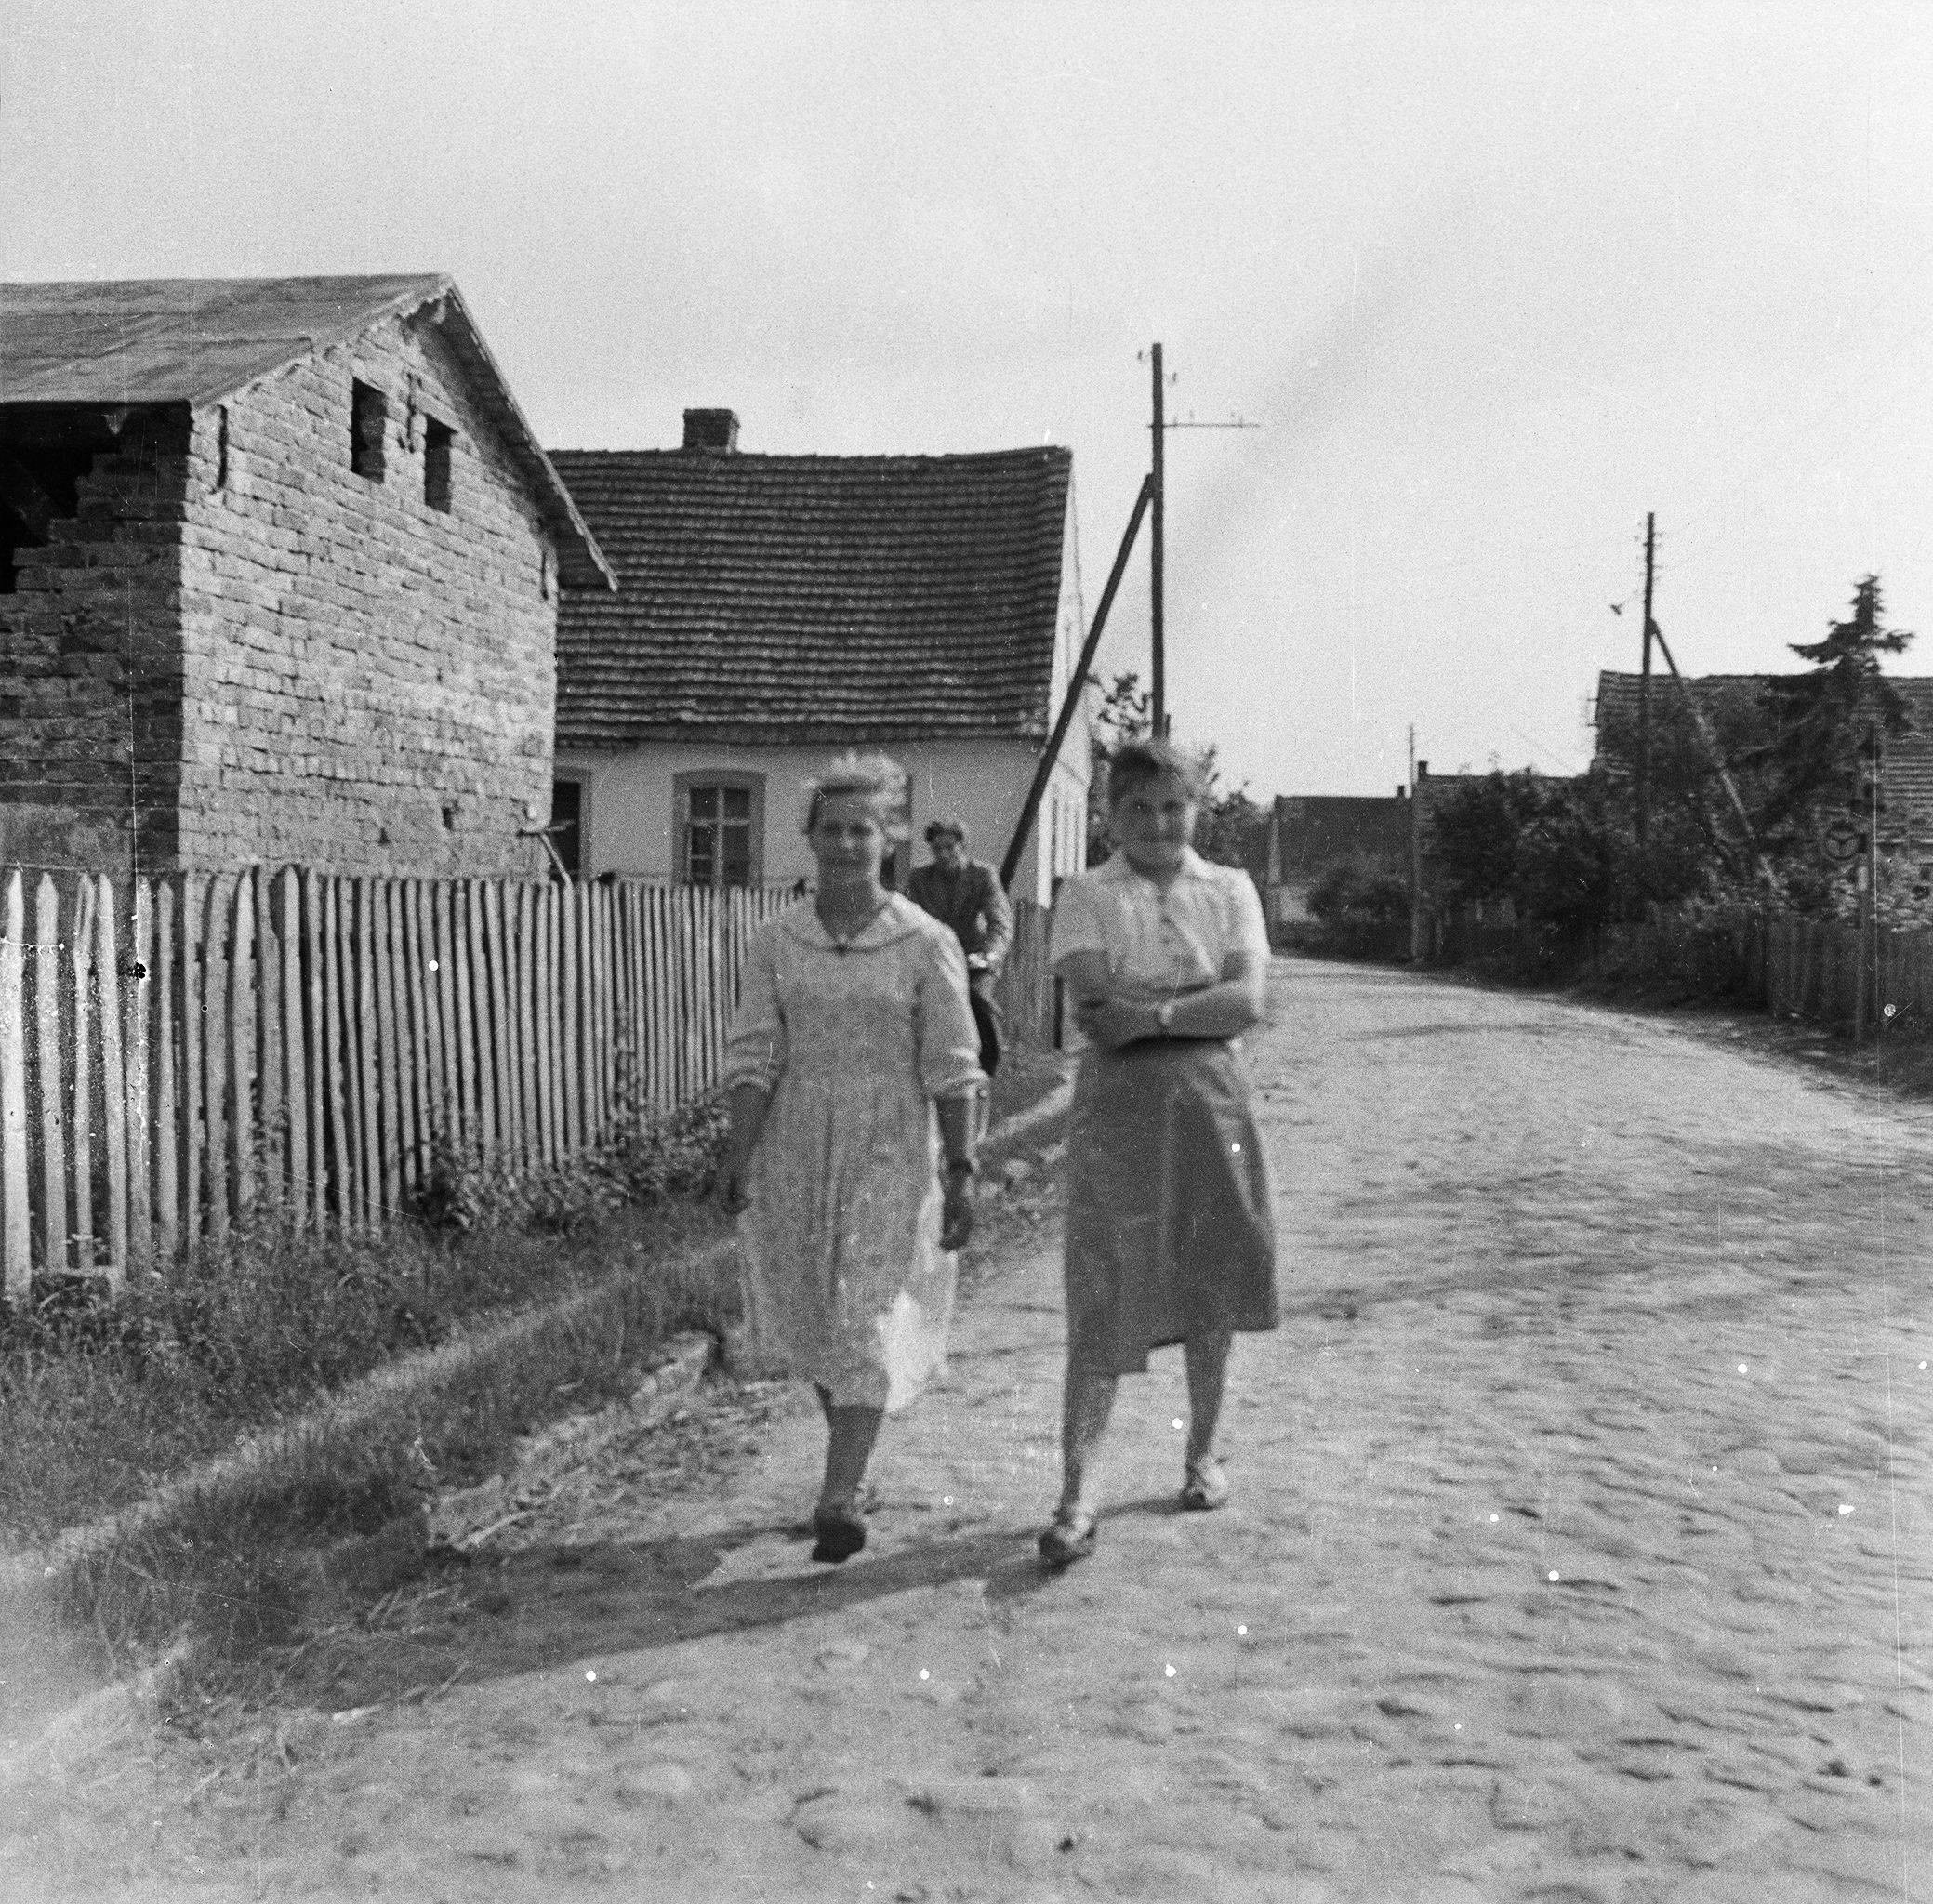 Dziewczęta na drodze, Brzózka, Dolny Śląsk, lata 50. XX w.